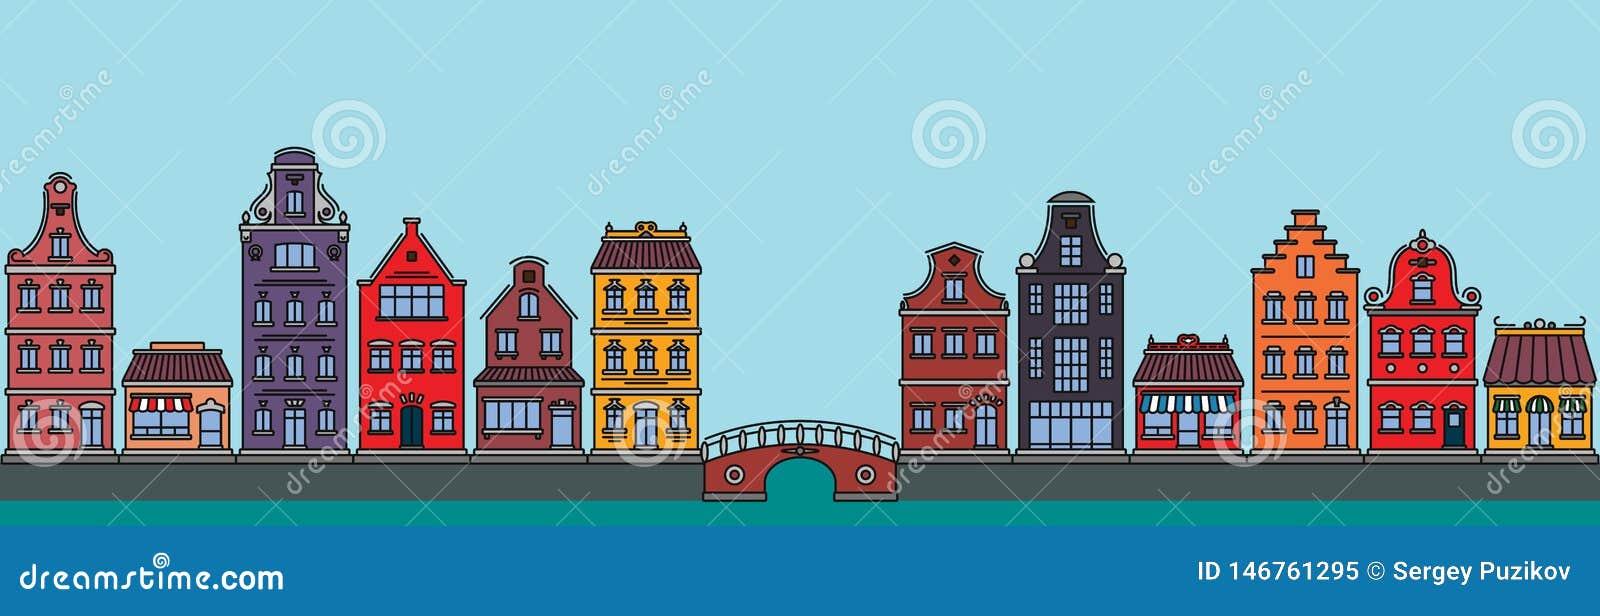 Panorama linéaire plat du paysage de ville avec des bâtiments et des maisons tourisme, voyage vers Amsterdam